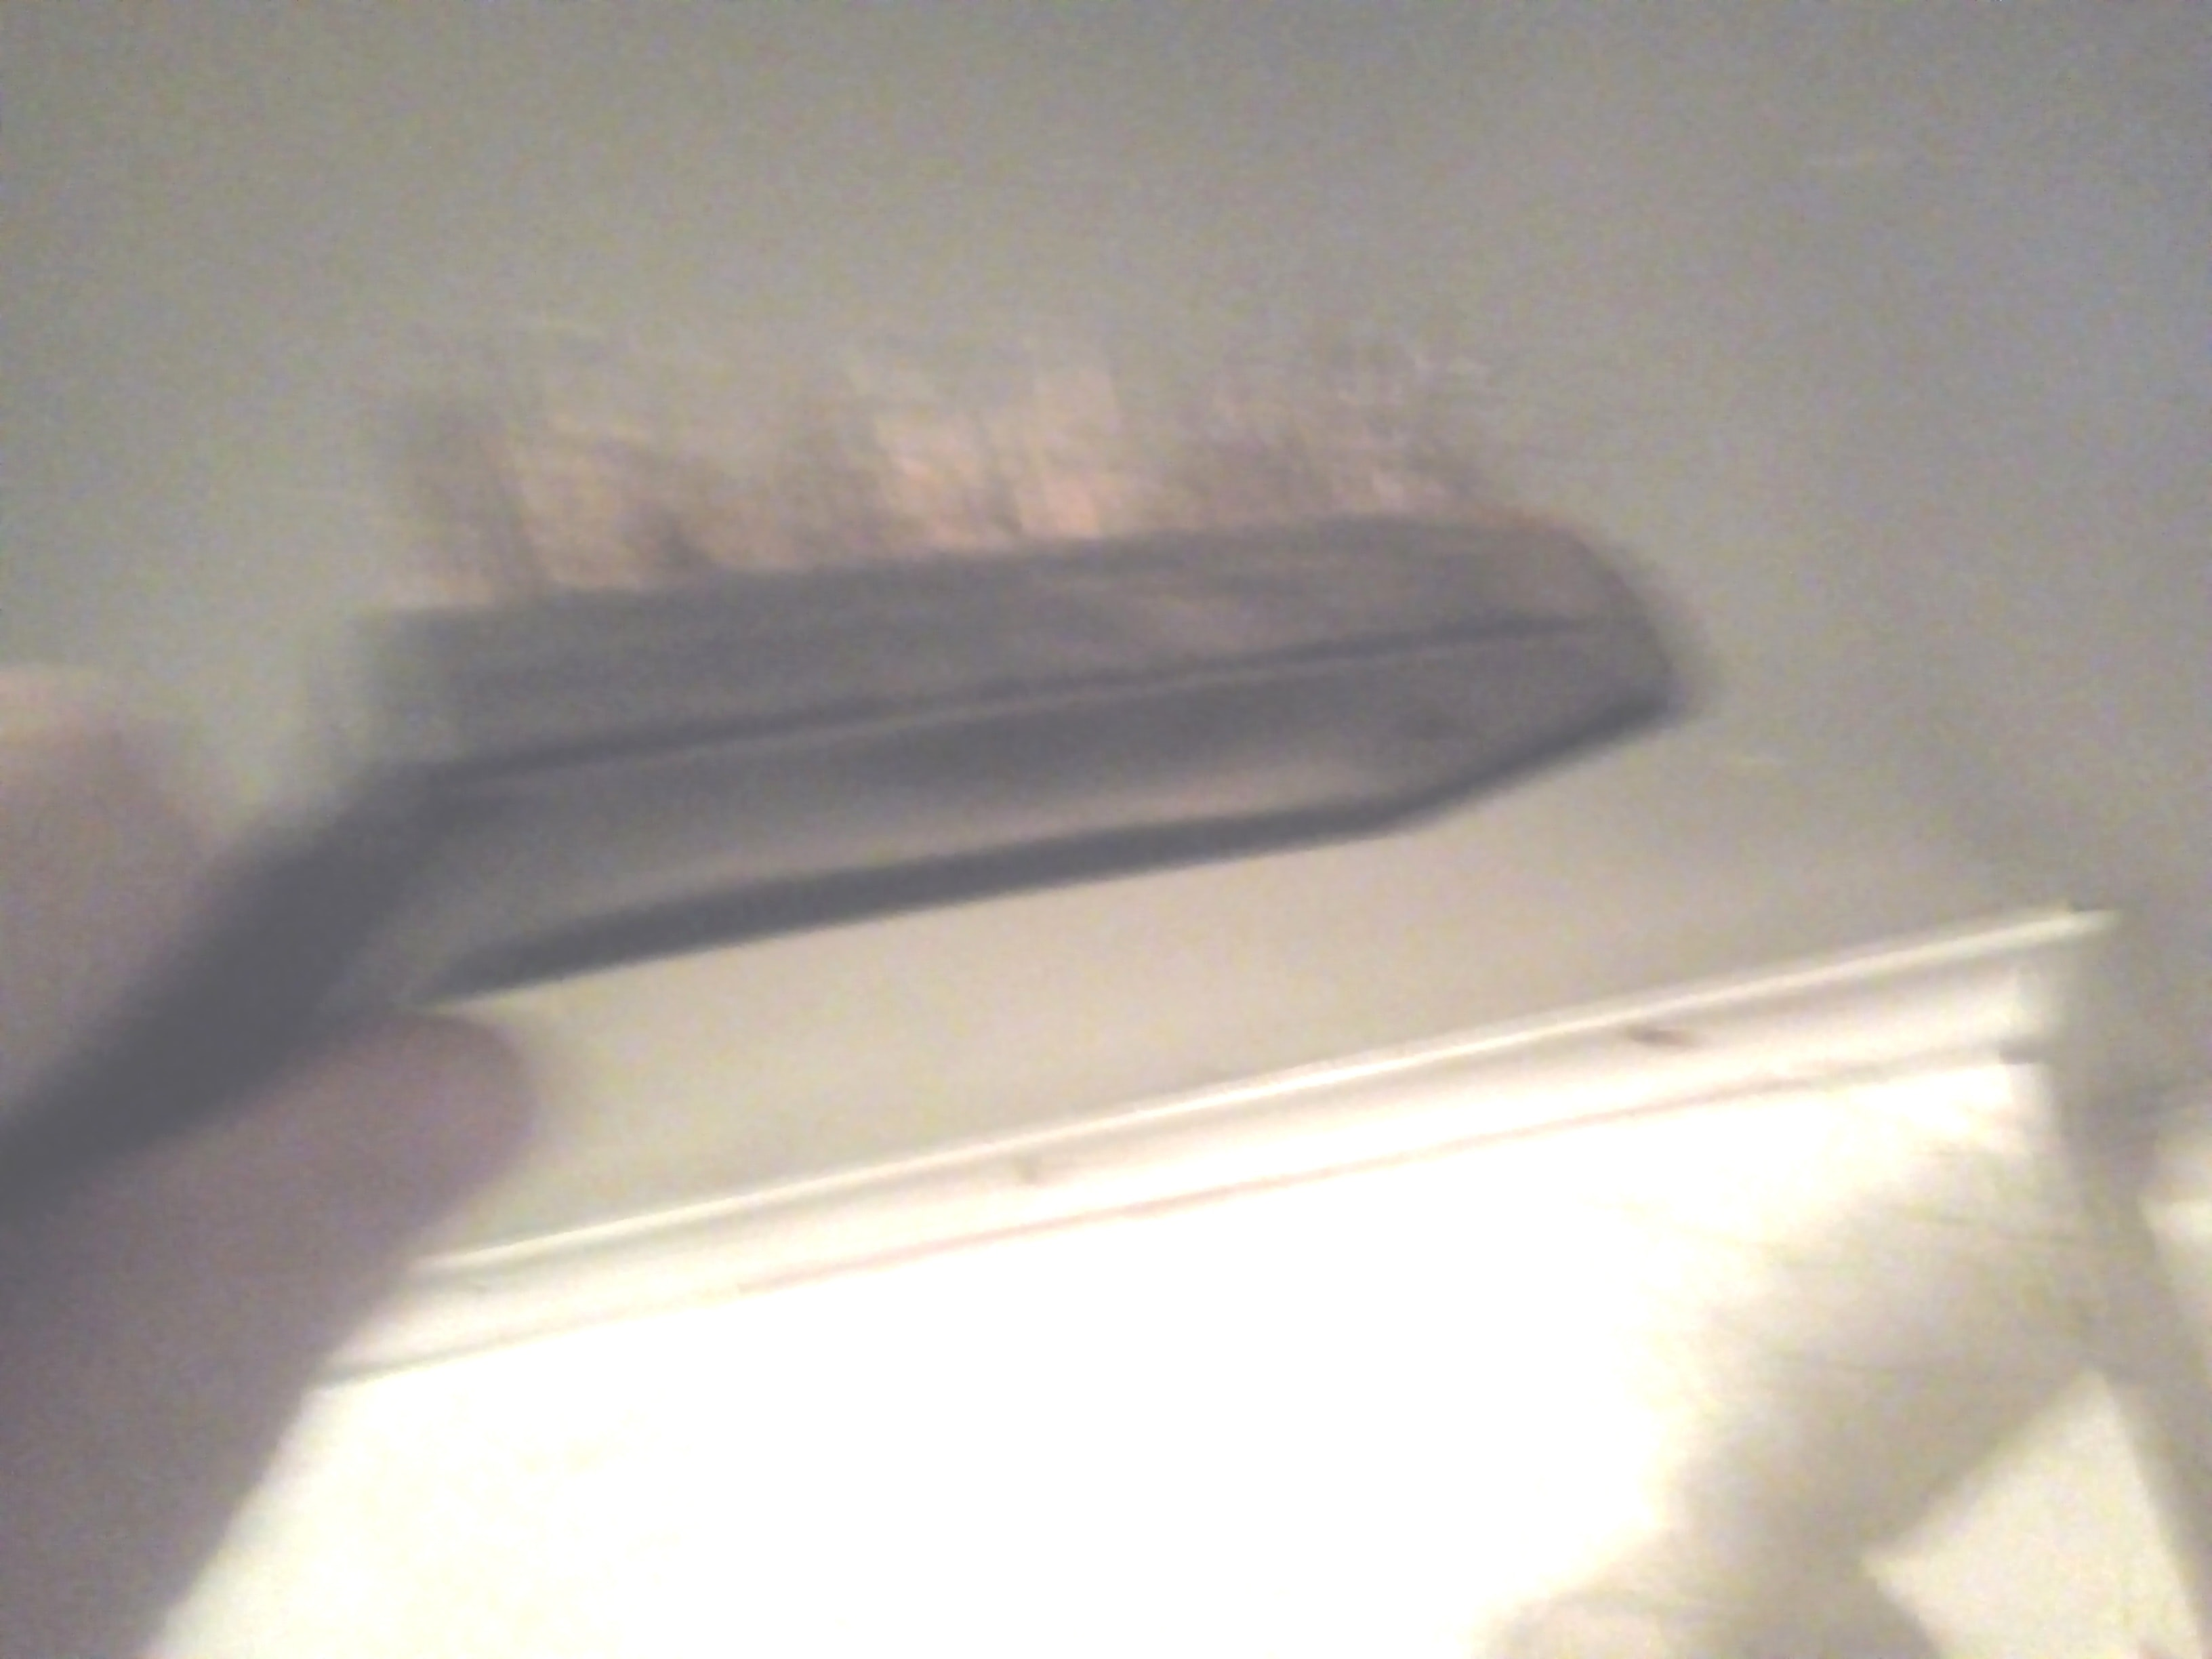 снятие побелки с потолка металлической щеткой -min